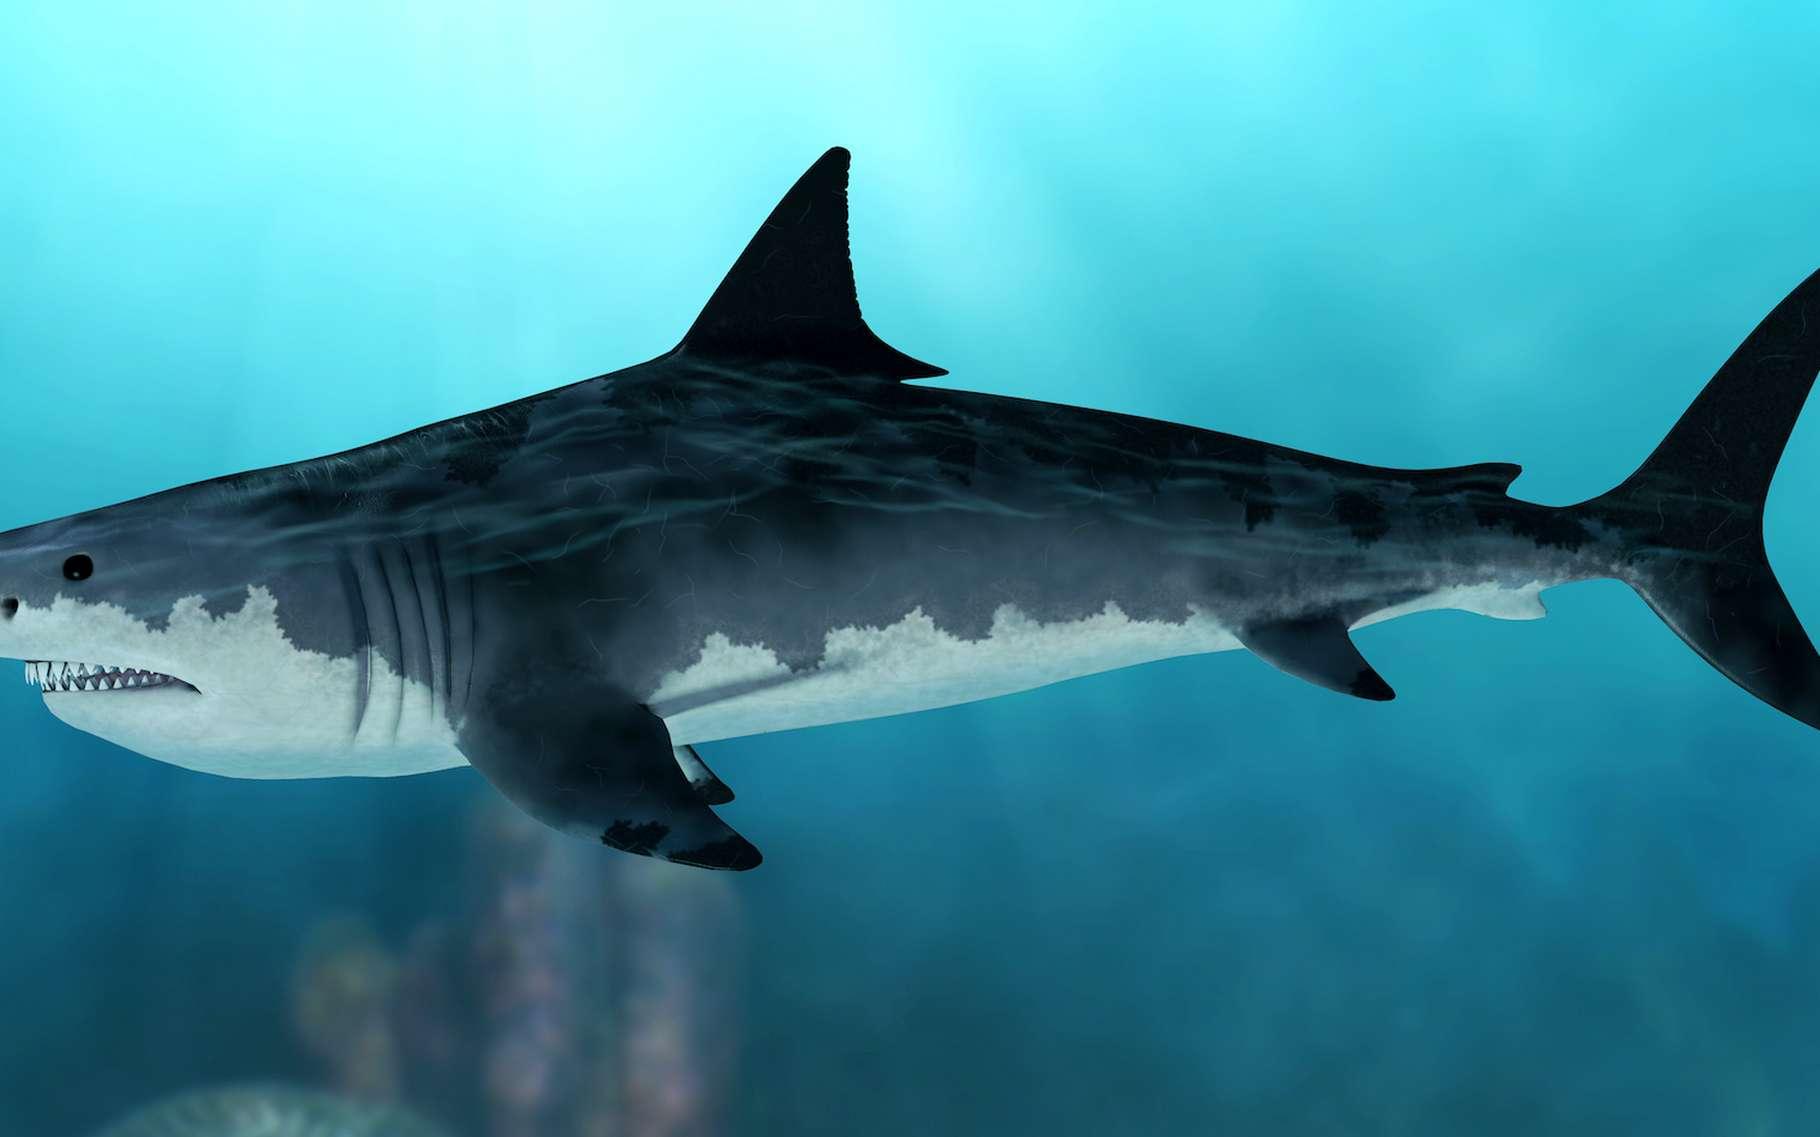 Des paléontologues de l'université de Bristol (Royaume-Uni) ont travaillé sur la morphologie du mégalodon, ce requin géant préhistorique aujourd'hui disparu. © rapack223, Adobe Stock